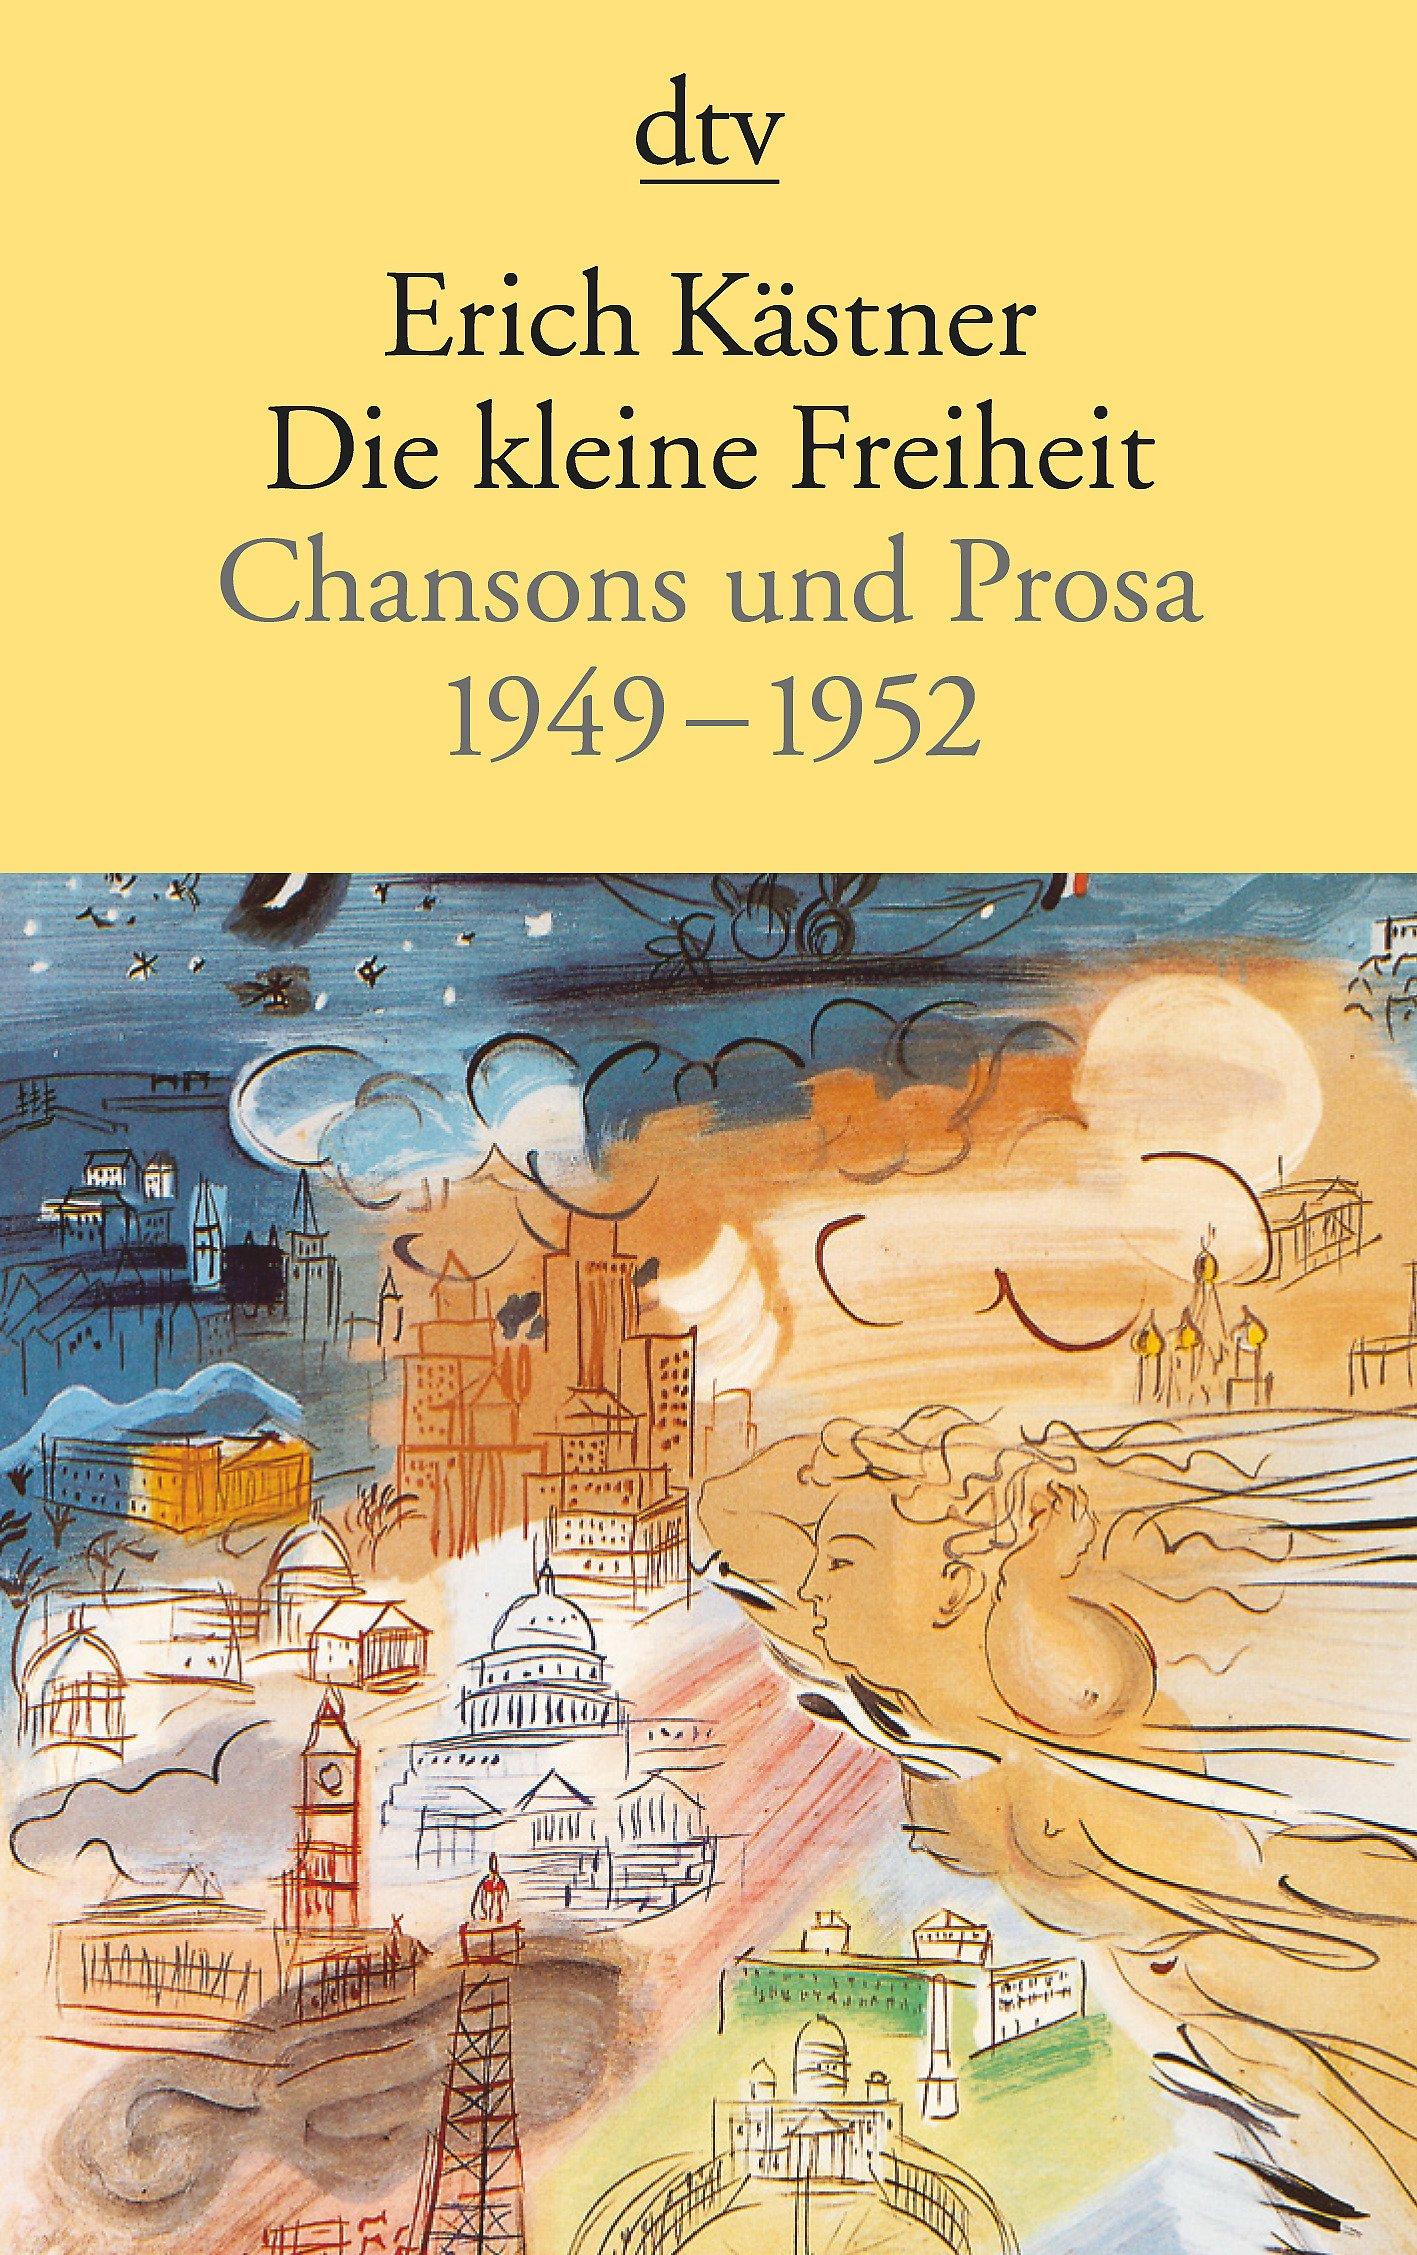 Die kleine Freiheit: Chansons und Prosa 1949-1952